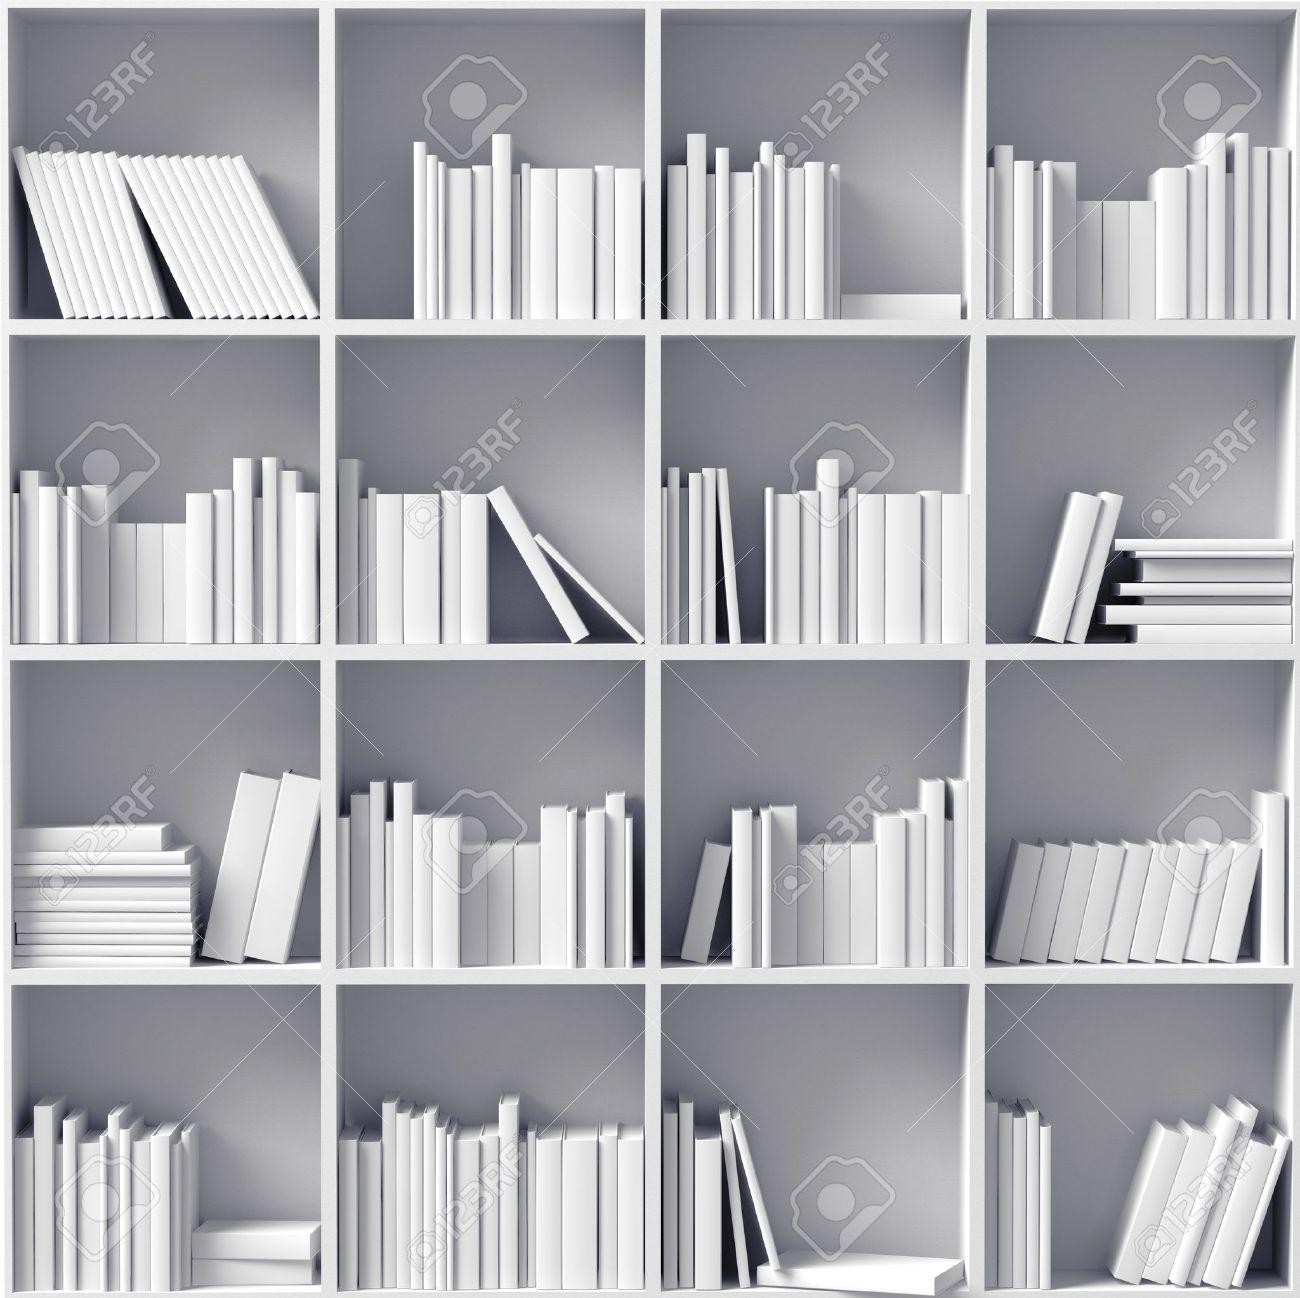 Realistic 3d illustration of modern wooden bookshelf against ston - 3d Bookshelf White Bookshelves Illustrated Concept